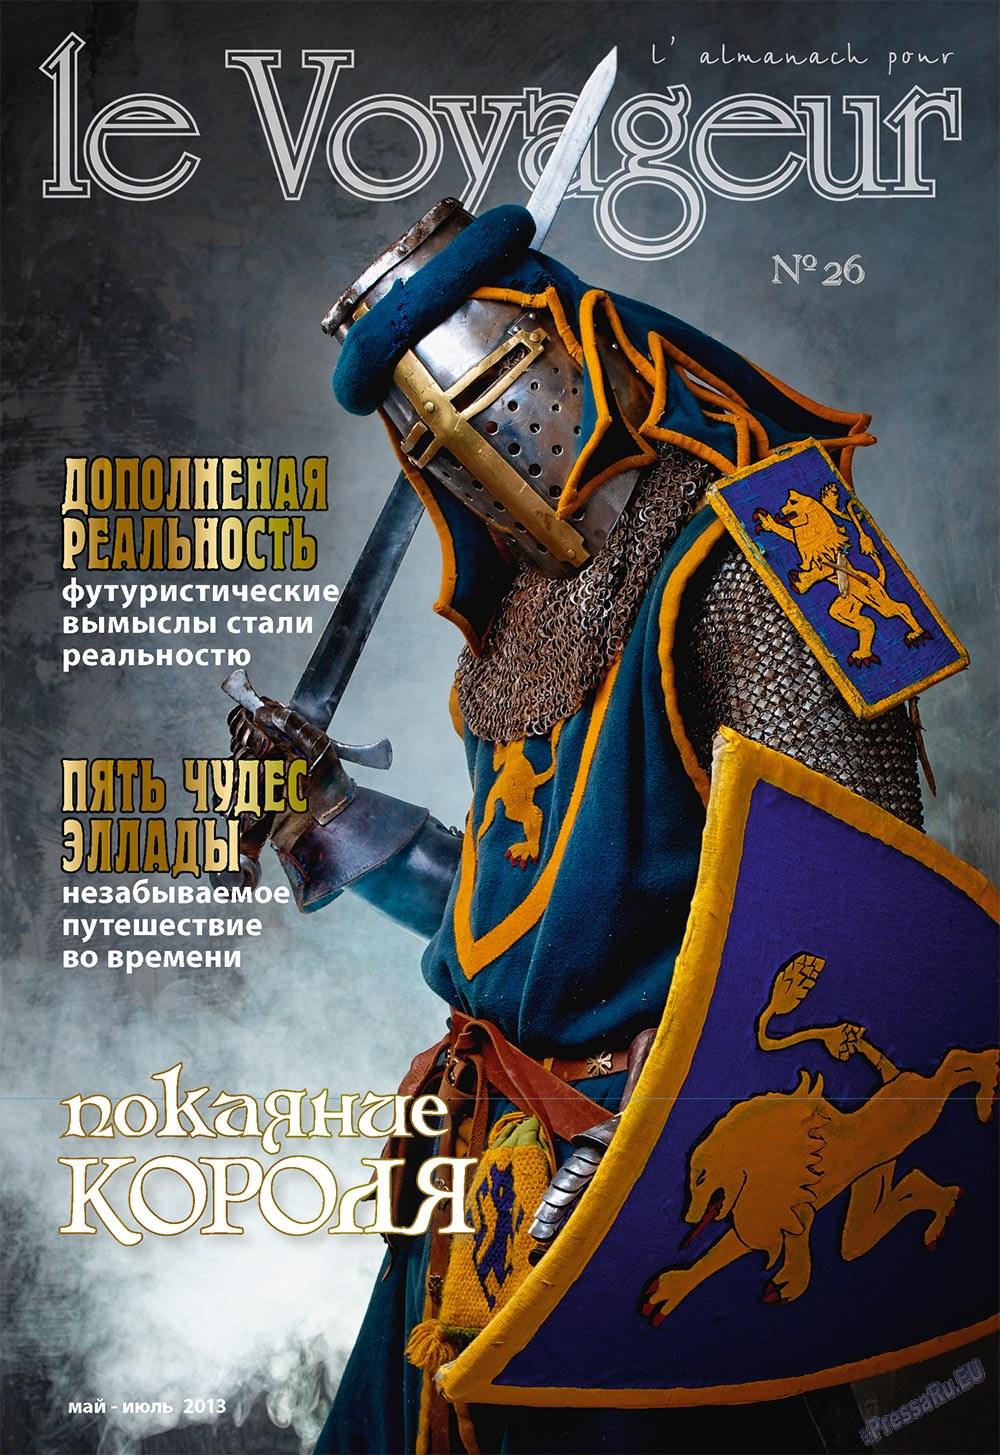 Le Voyageur (журнал). 2013 год, номер 26, стр. 1